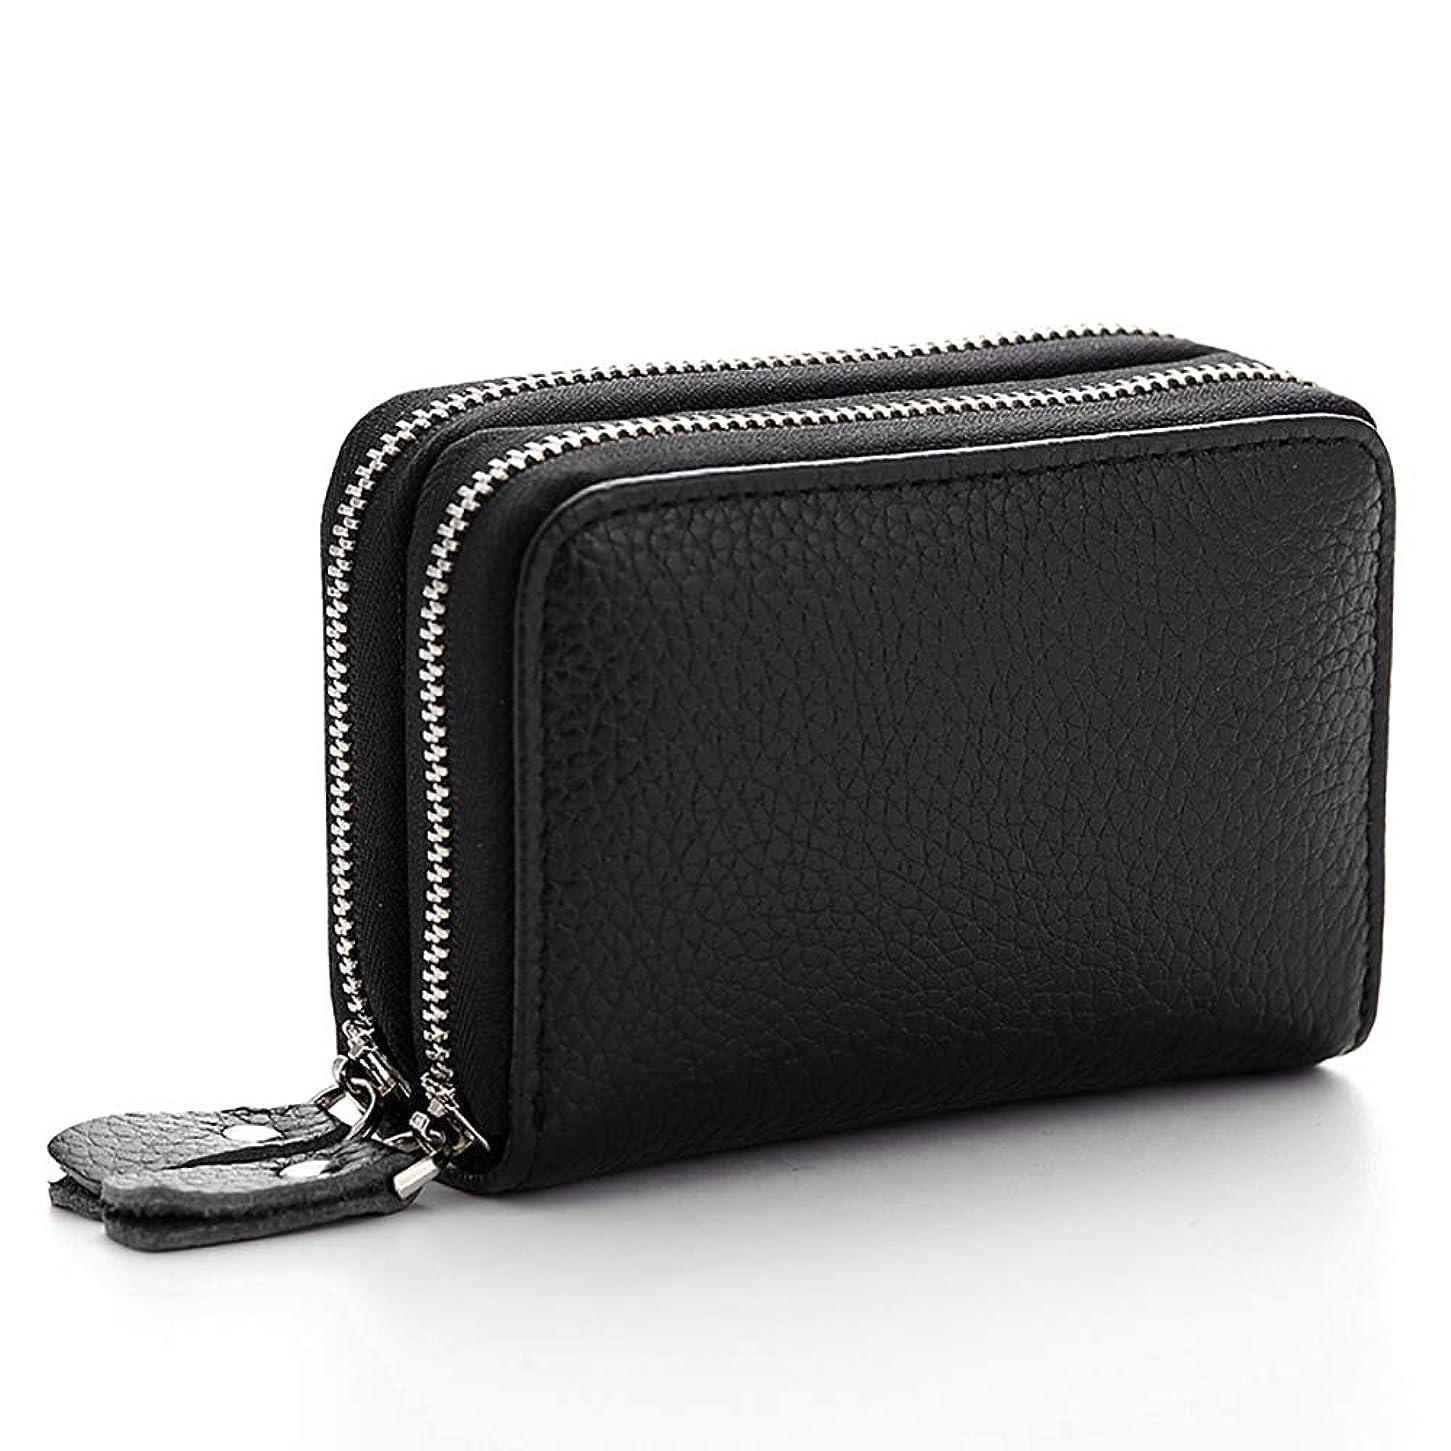 パノラマ生むピラミッドショート財布 メンズ小銭入れ 小型バッグ 人気ランキング レディース RFIDキーリング付き 大容量 コインケース カードケース ジッパー